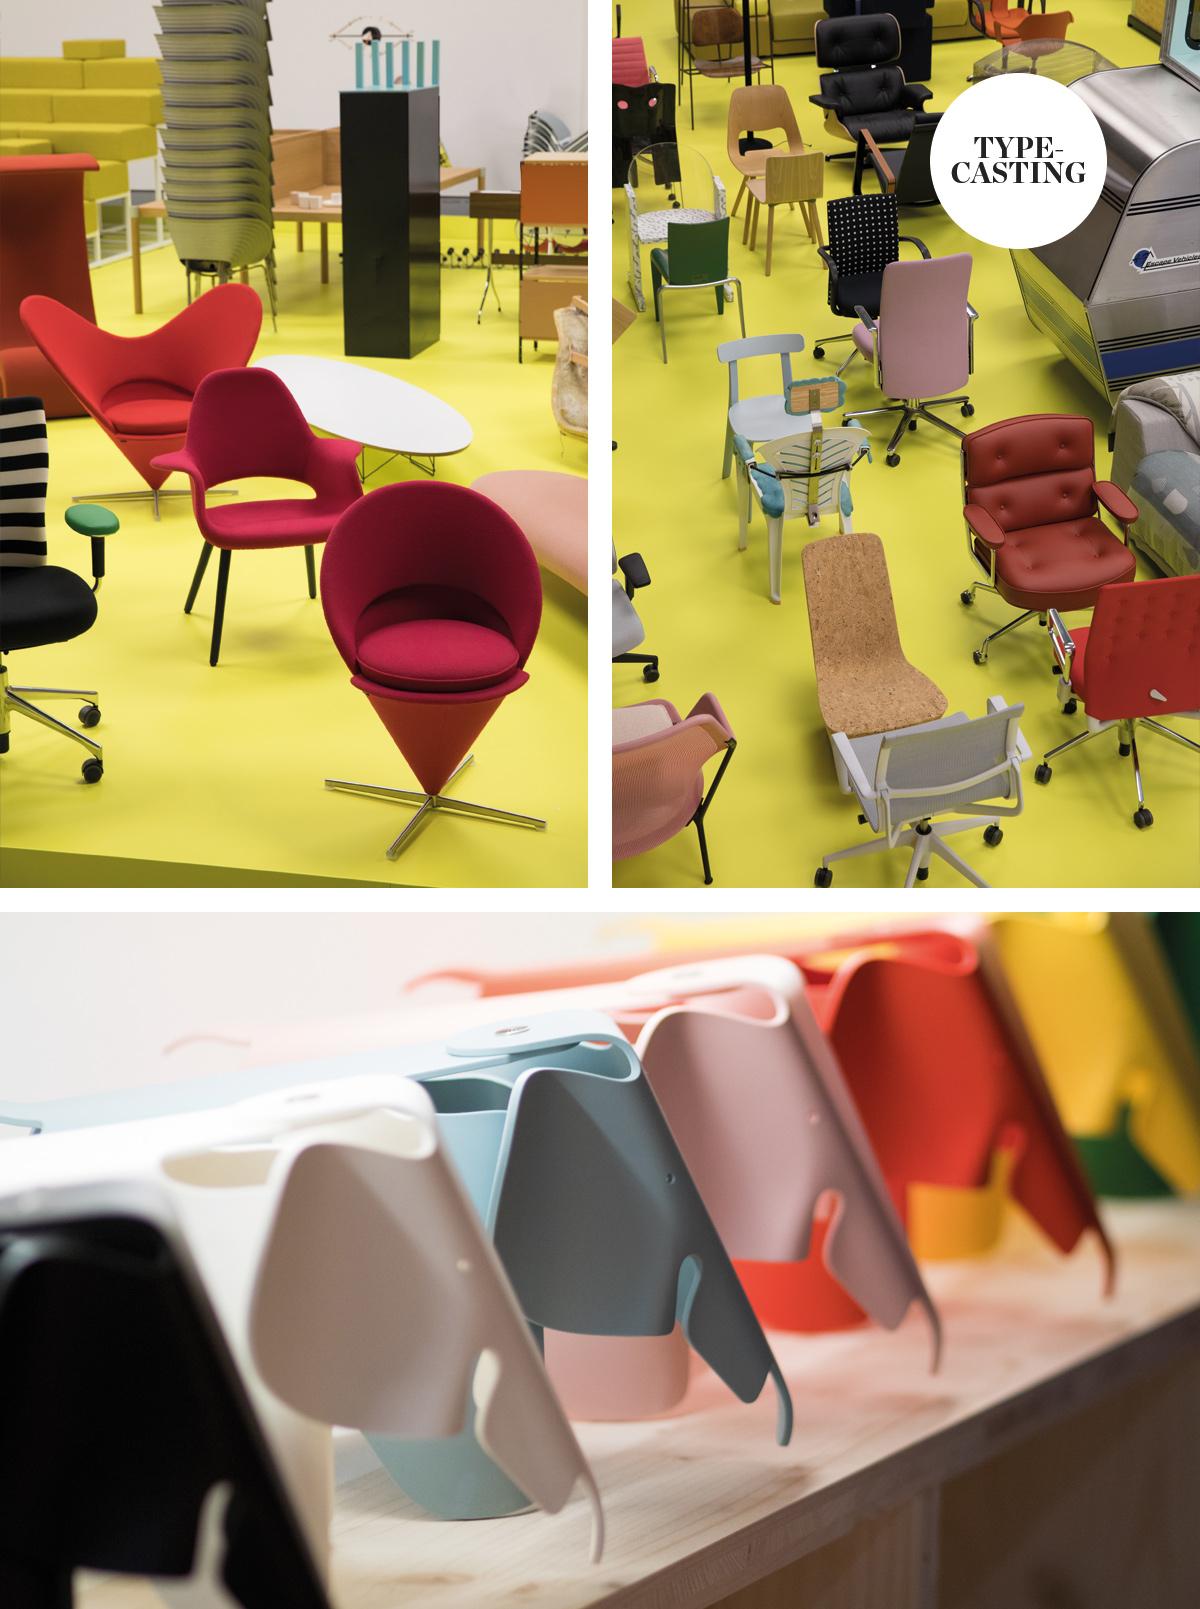 Milan Design Week 2018 - Typecasting - Vitra.jpg